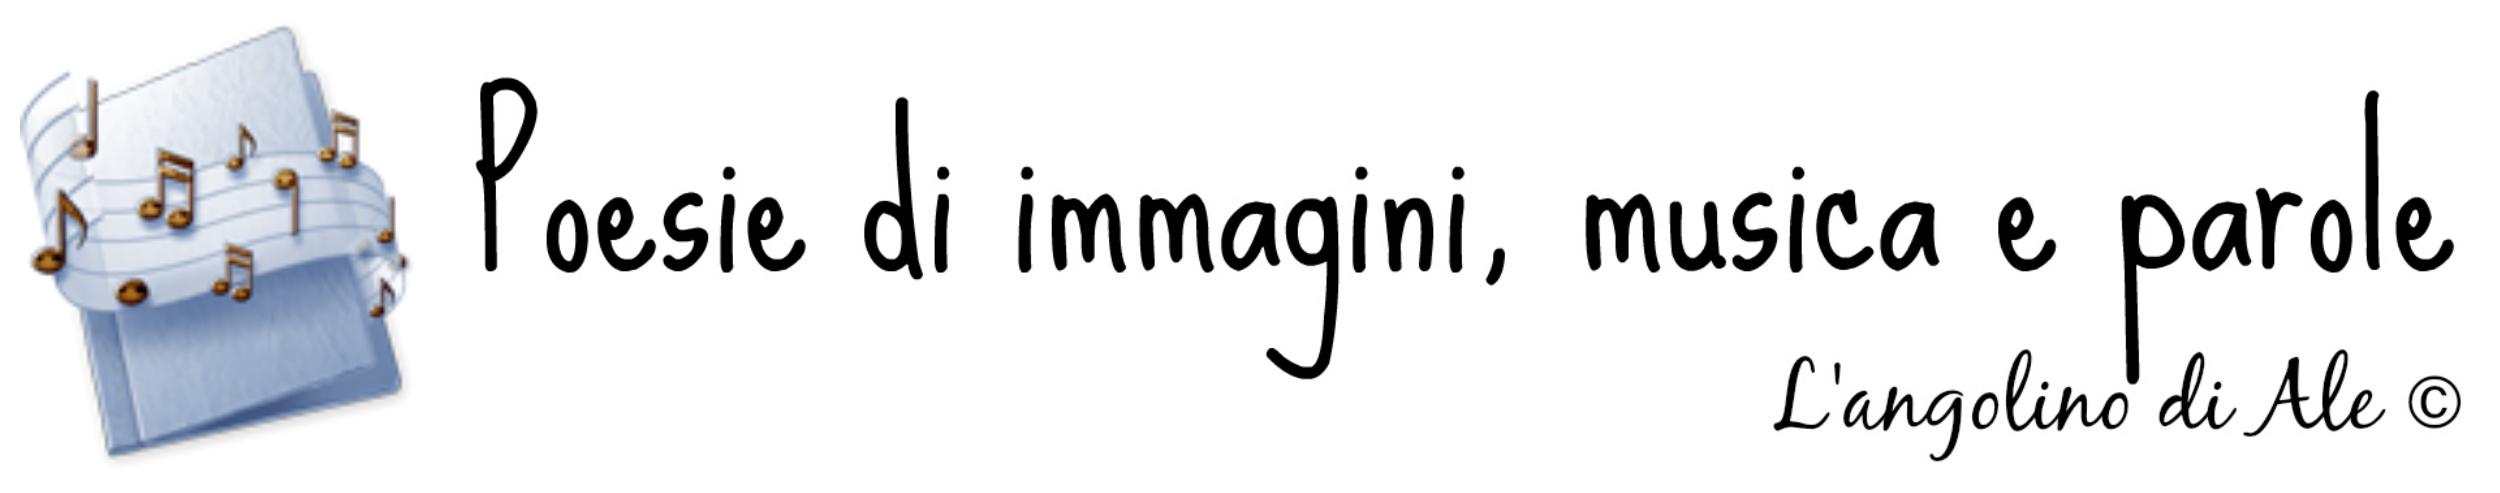 Poesie di immagini, musica e parole - L'angolino di Ale